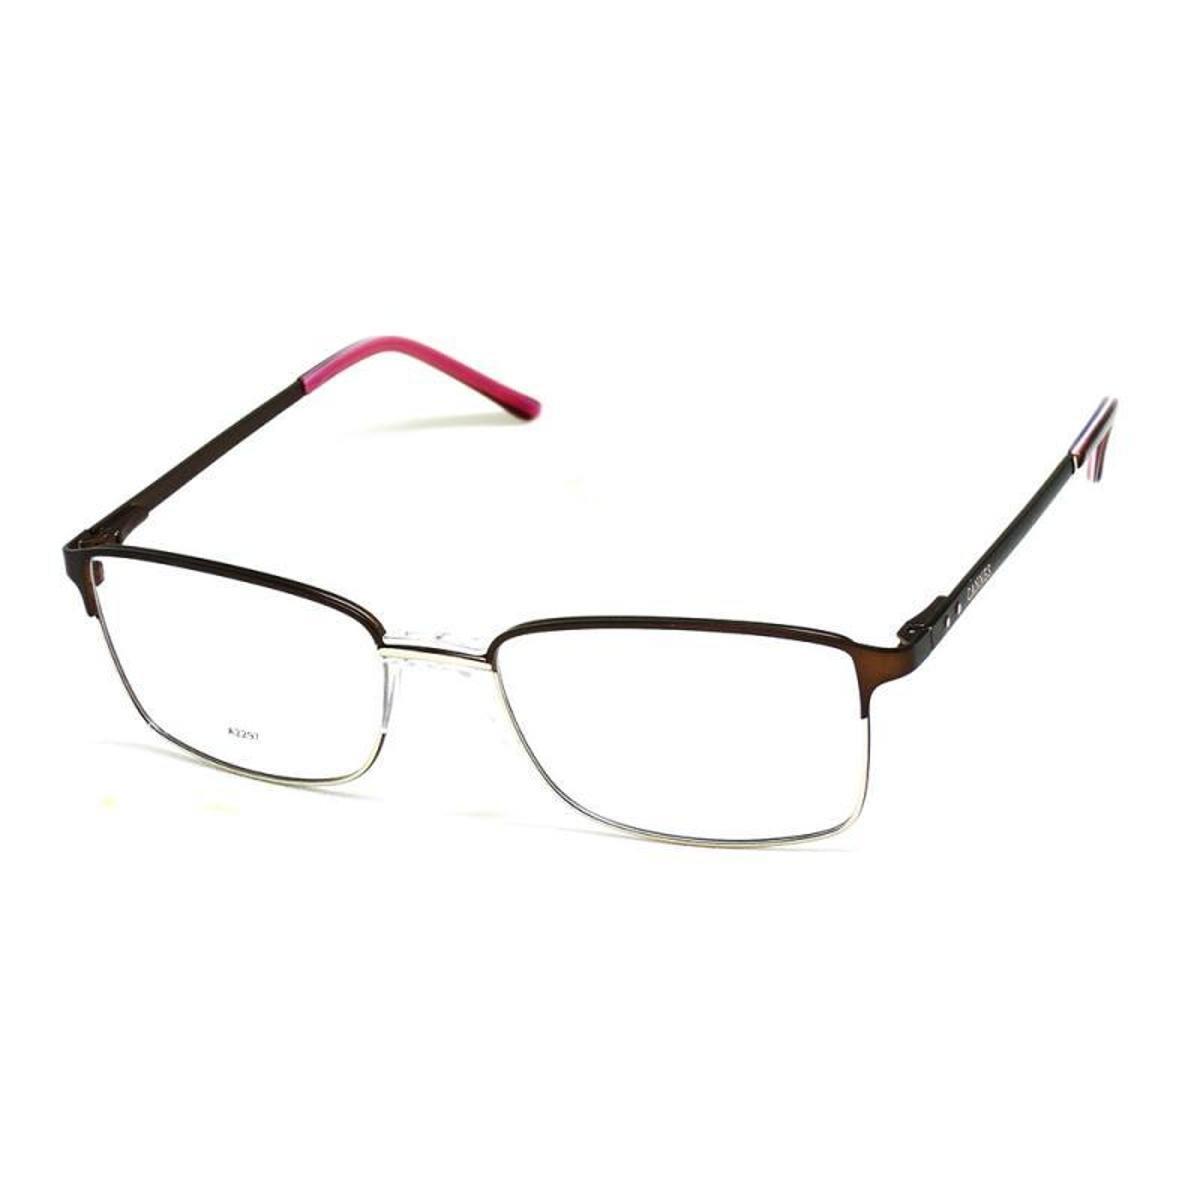 Armação De Óculos De Grau Cannes 2297 T 55 C Masculino - Marrom ... 92cb29ad60